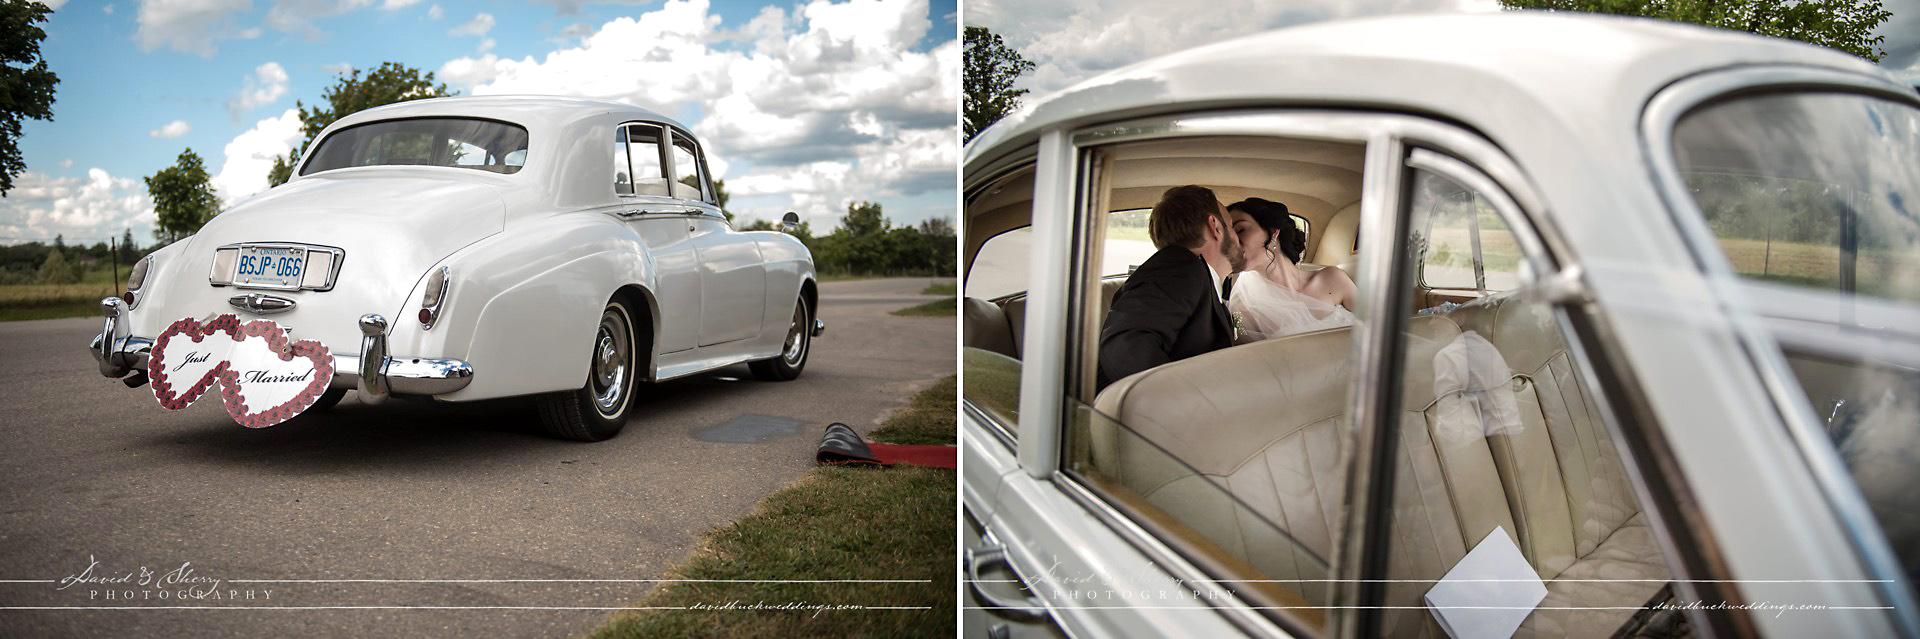 Cambridge_Waterloo_Wedding_Photography_21